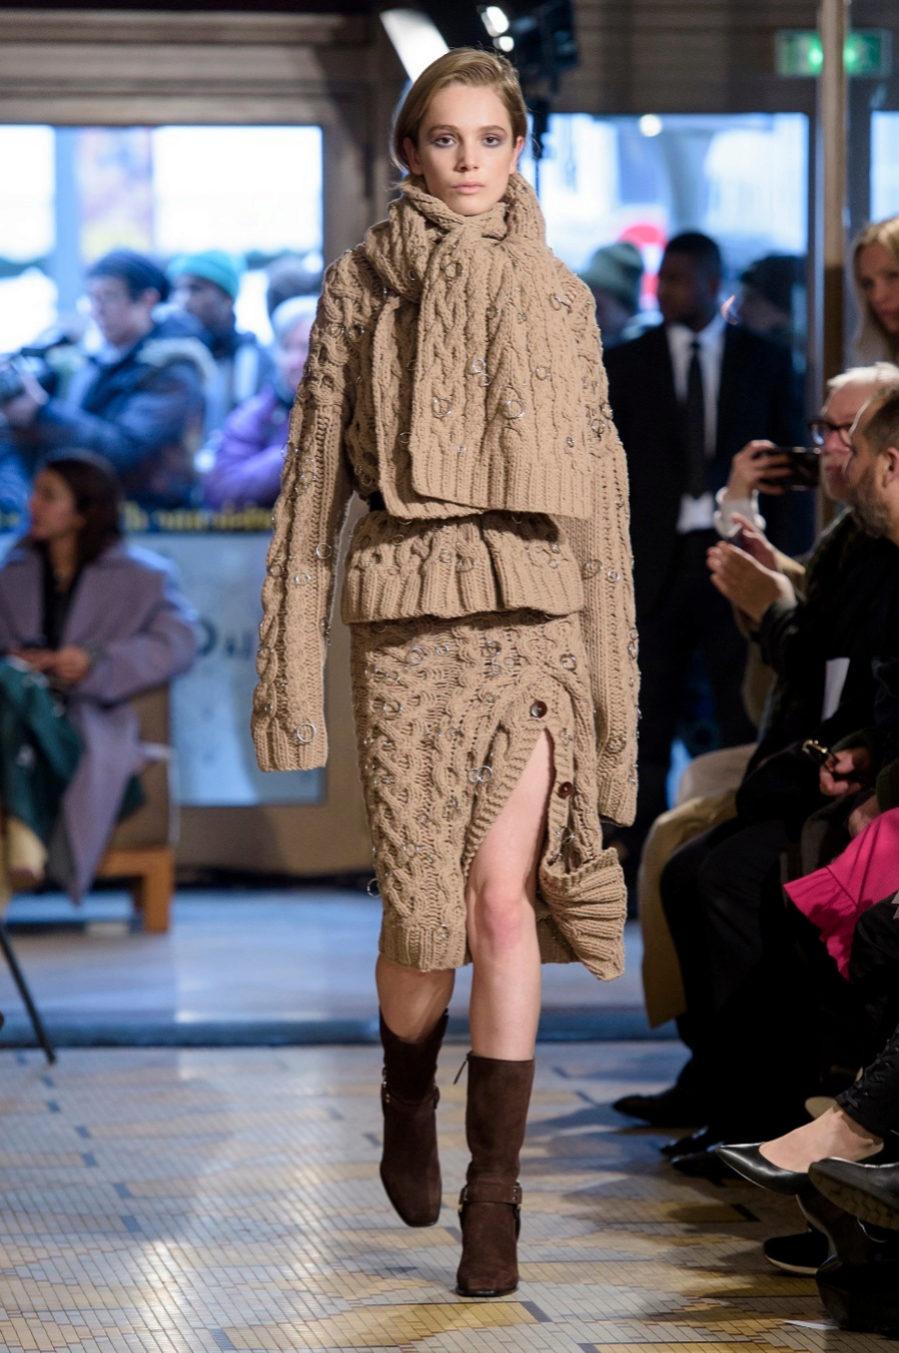 1e159513ce Conjunto de lana con falda por la rodilla y botines estilo motero del  desfile de Altuzarra